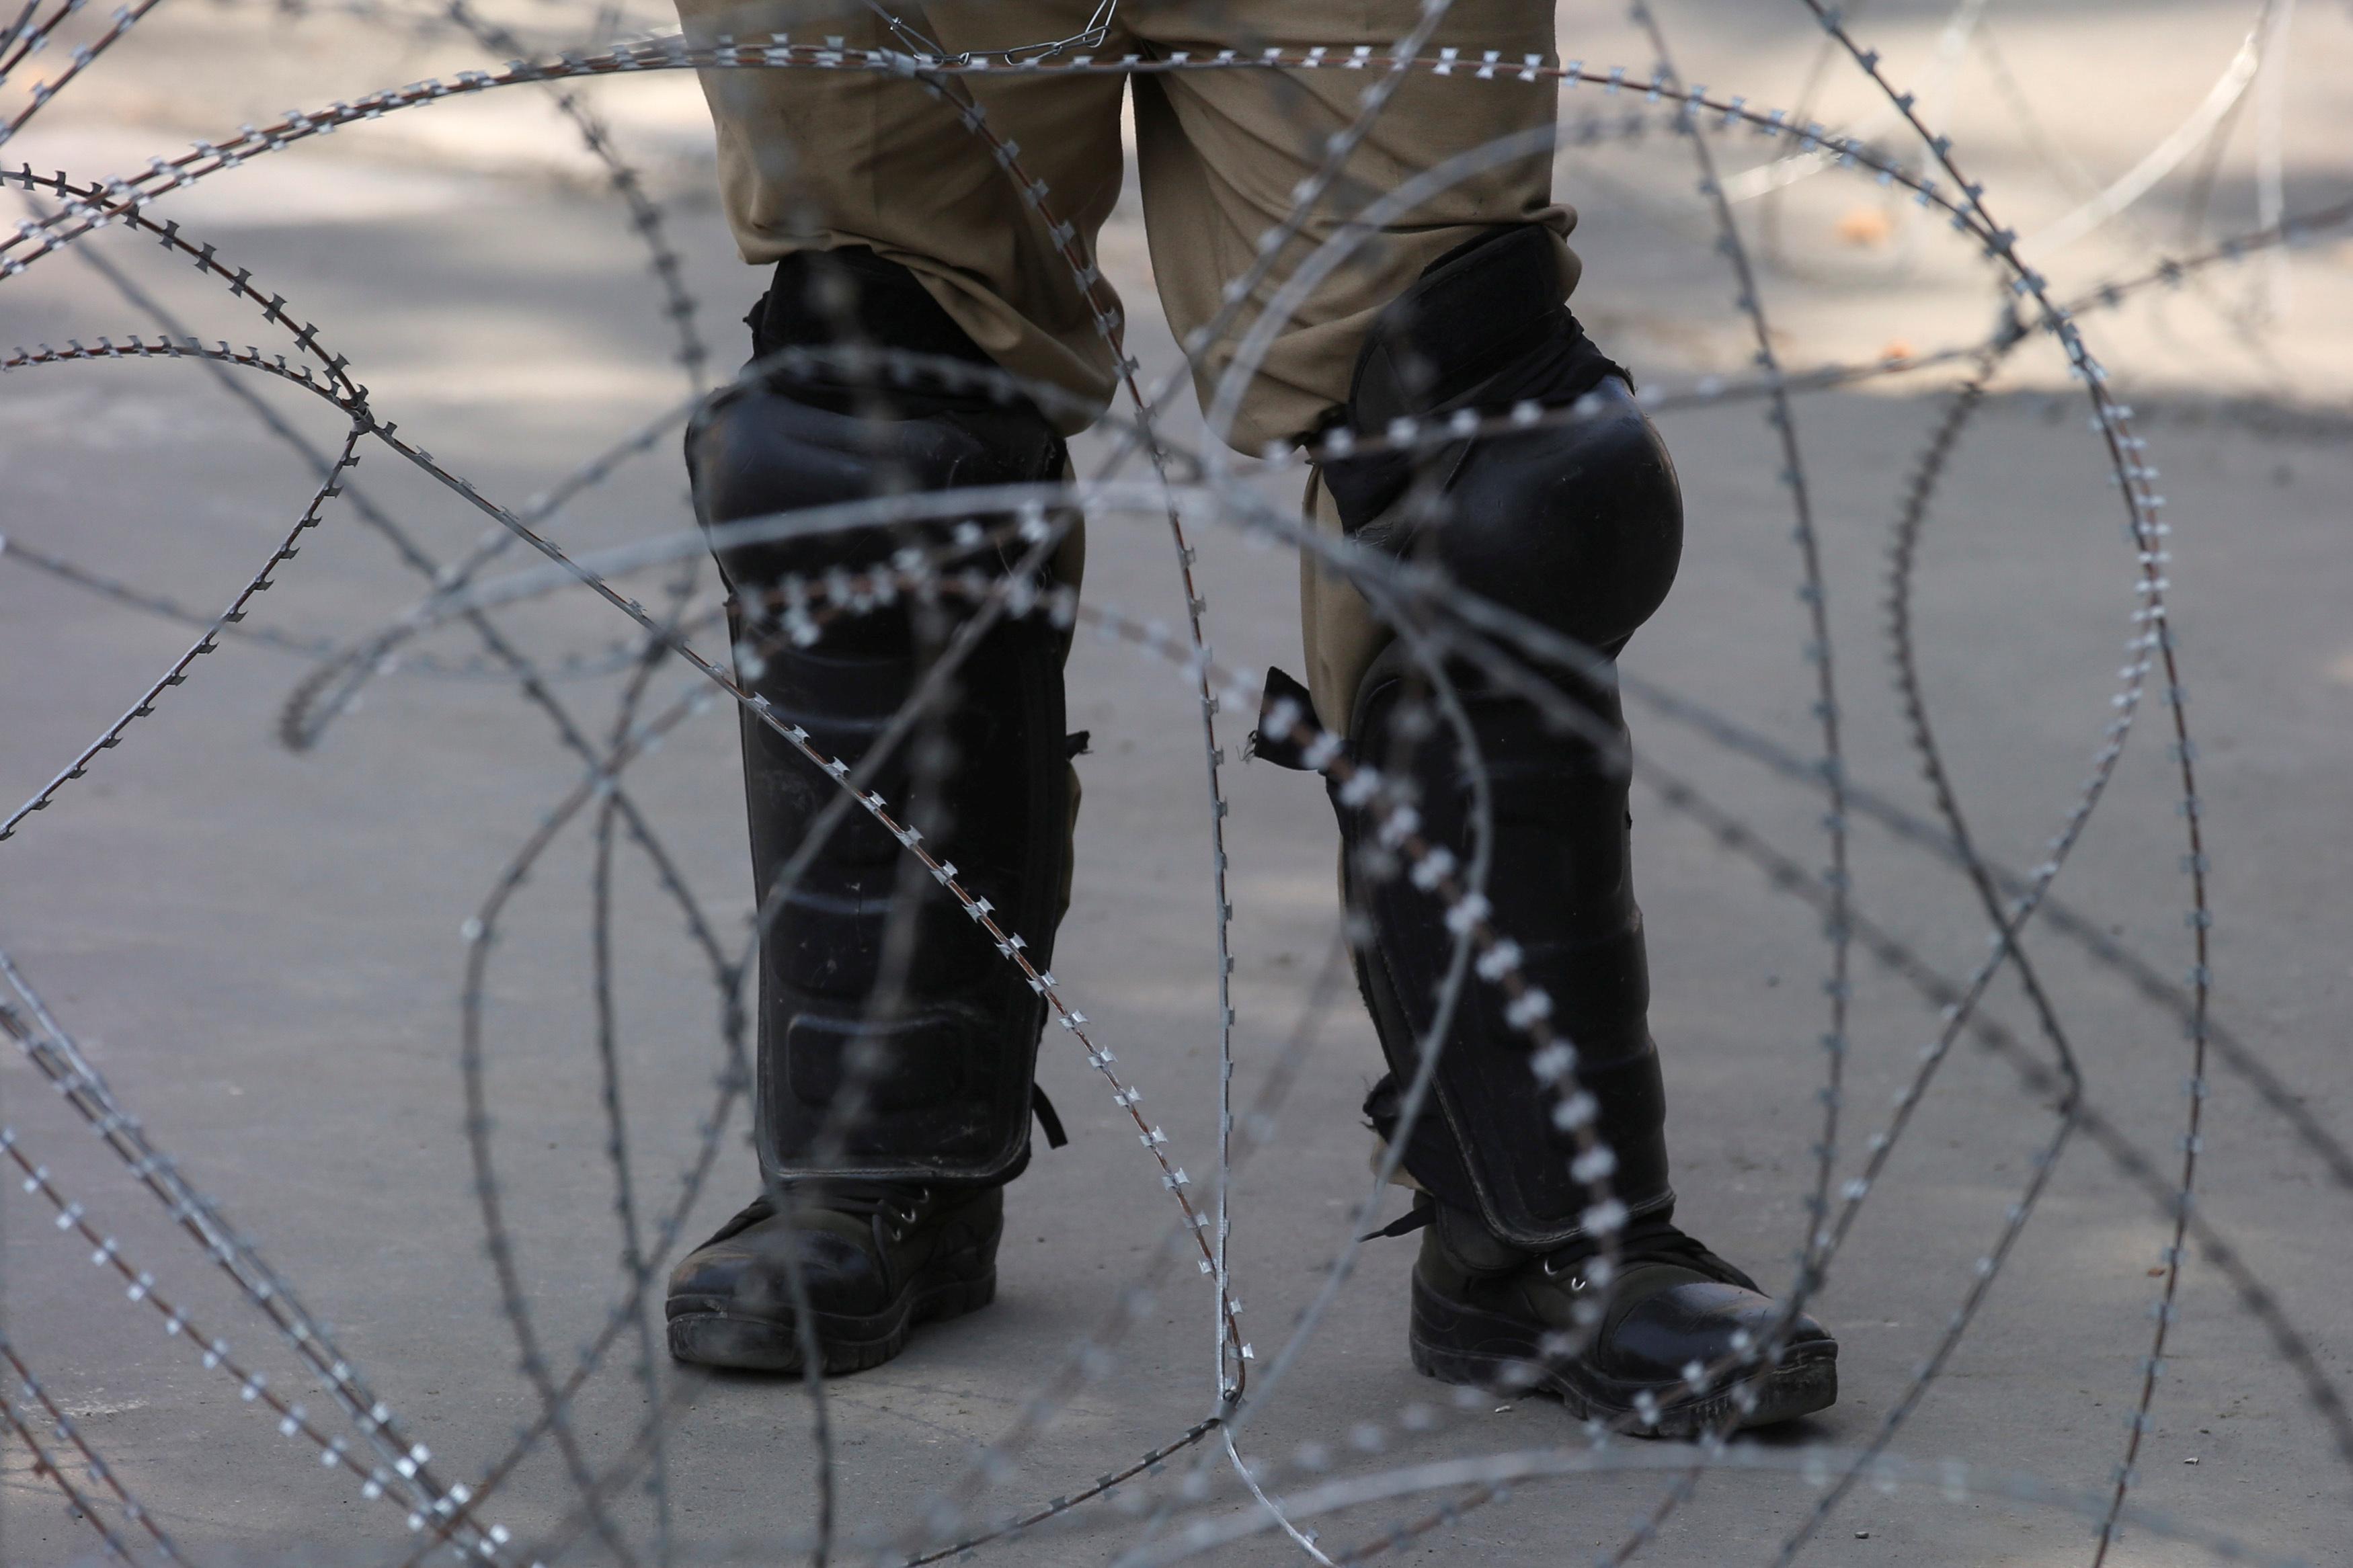 Indian police officer in Kashmir